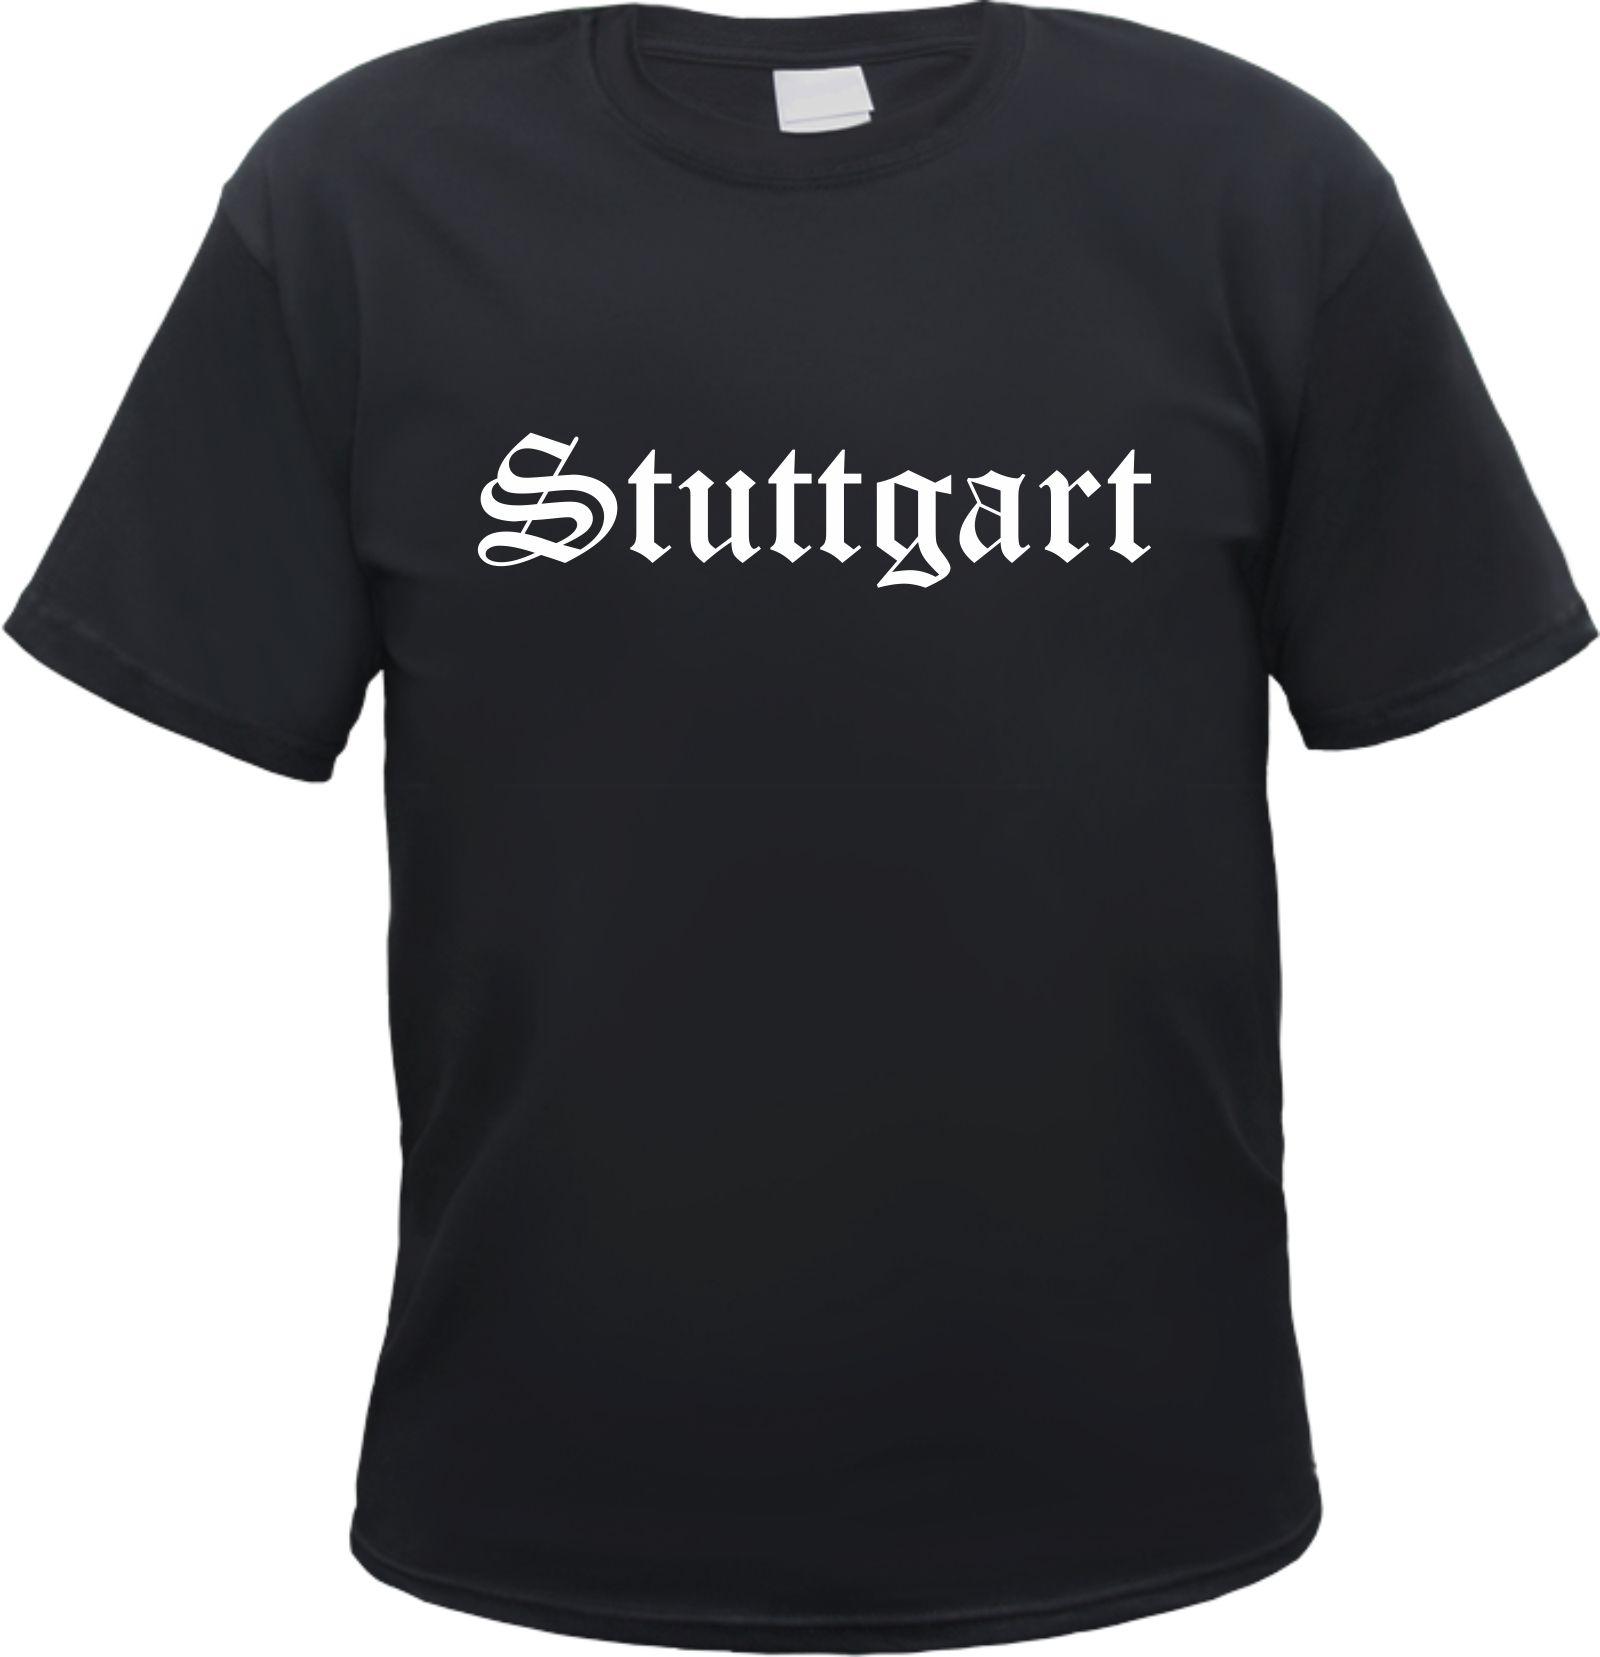 T Shirt Druck Stuttgart DREAMWORKS